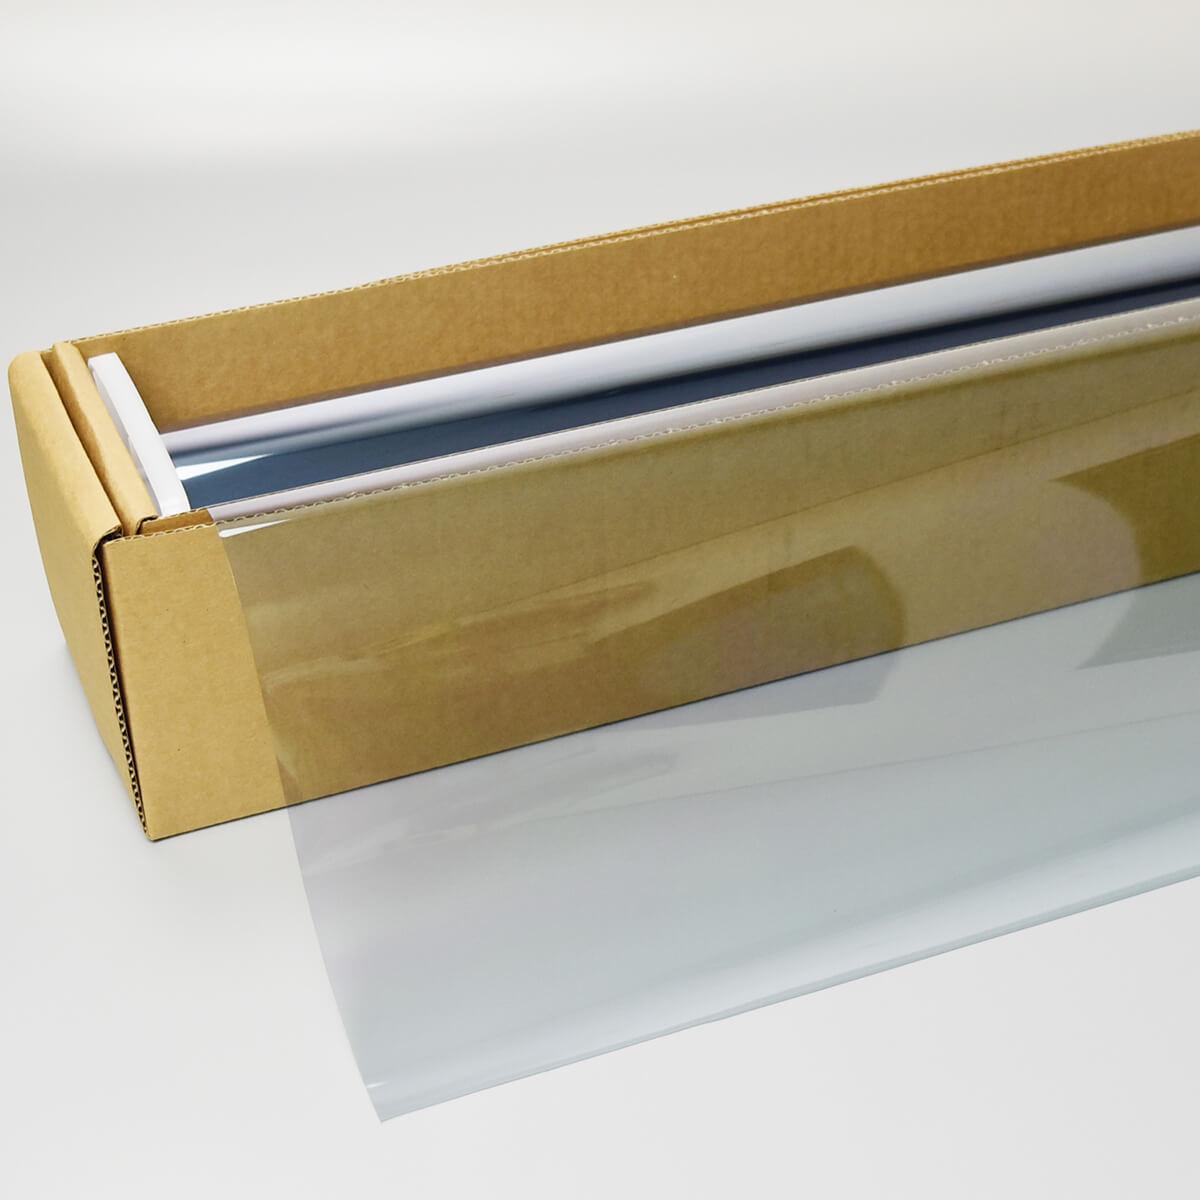 カーフィルム WraithBlue(レイスブルー) オーロラ70  1m幅 x 30mロール箱売 多層マルチレイヤー オーロラフィルム70 飛散防止フィルム 遮熱フィルム 断熱フィルム UVカットフィルム 赤外線遮蔽 Braintec